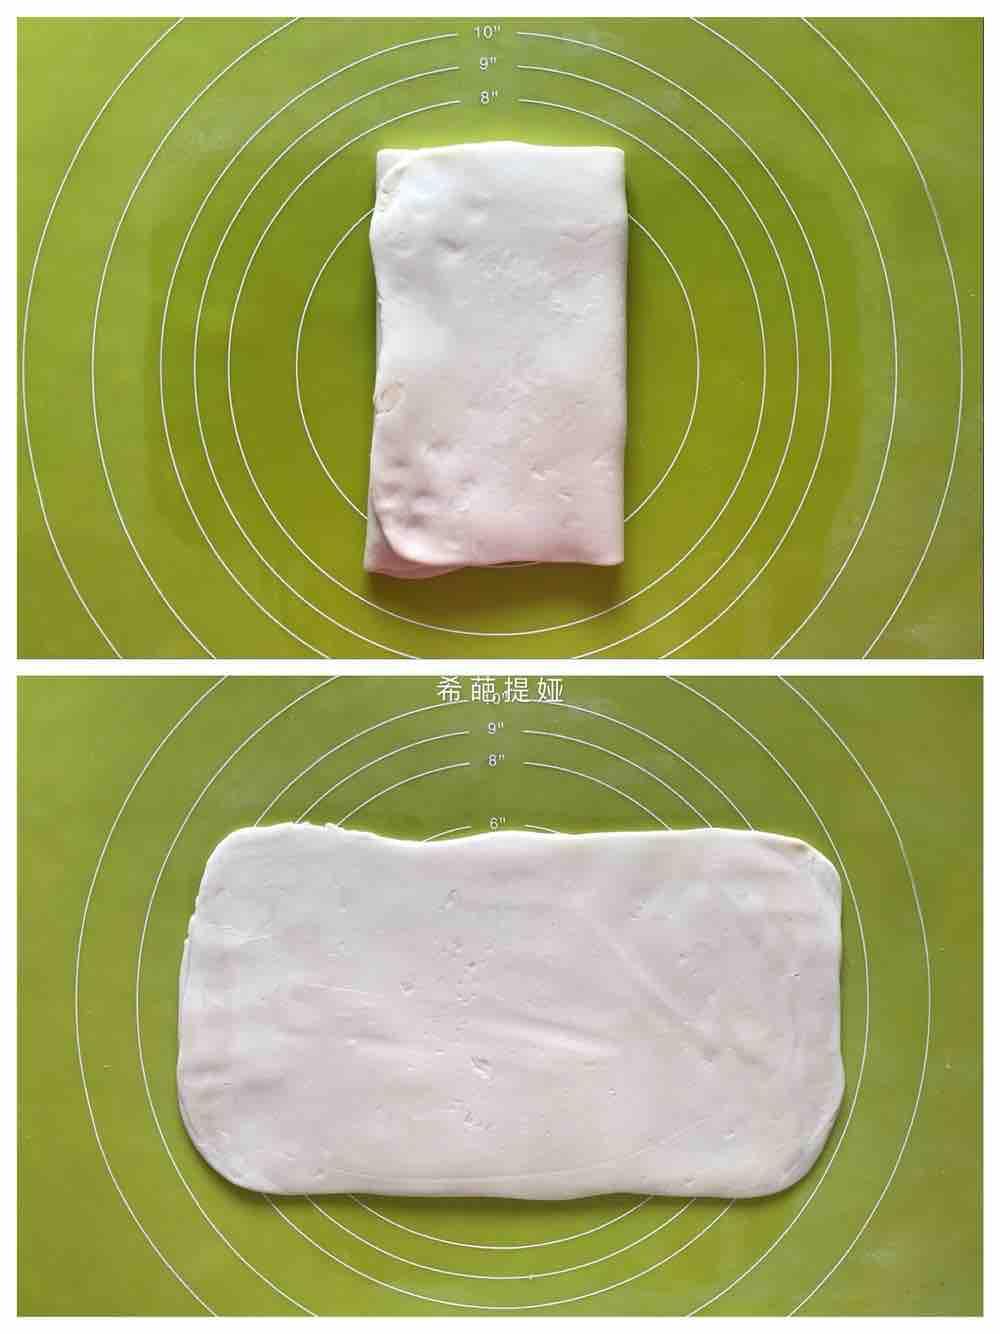 豆沙排叉酥的简单做法